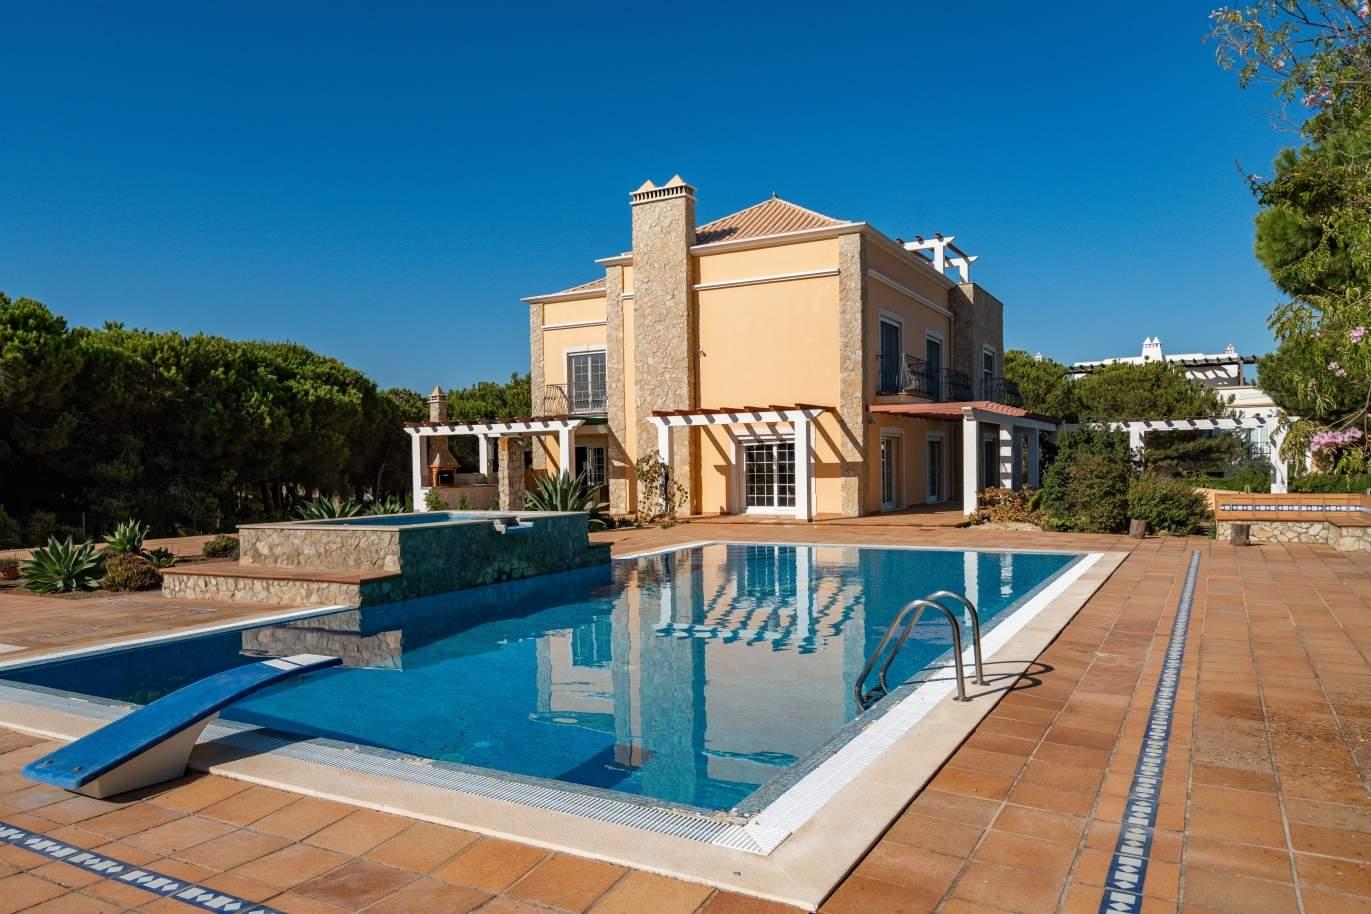 villa-con-5-habitaciones-vista-al-mar-praia-verde-castro-marim-algarve